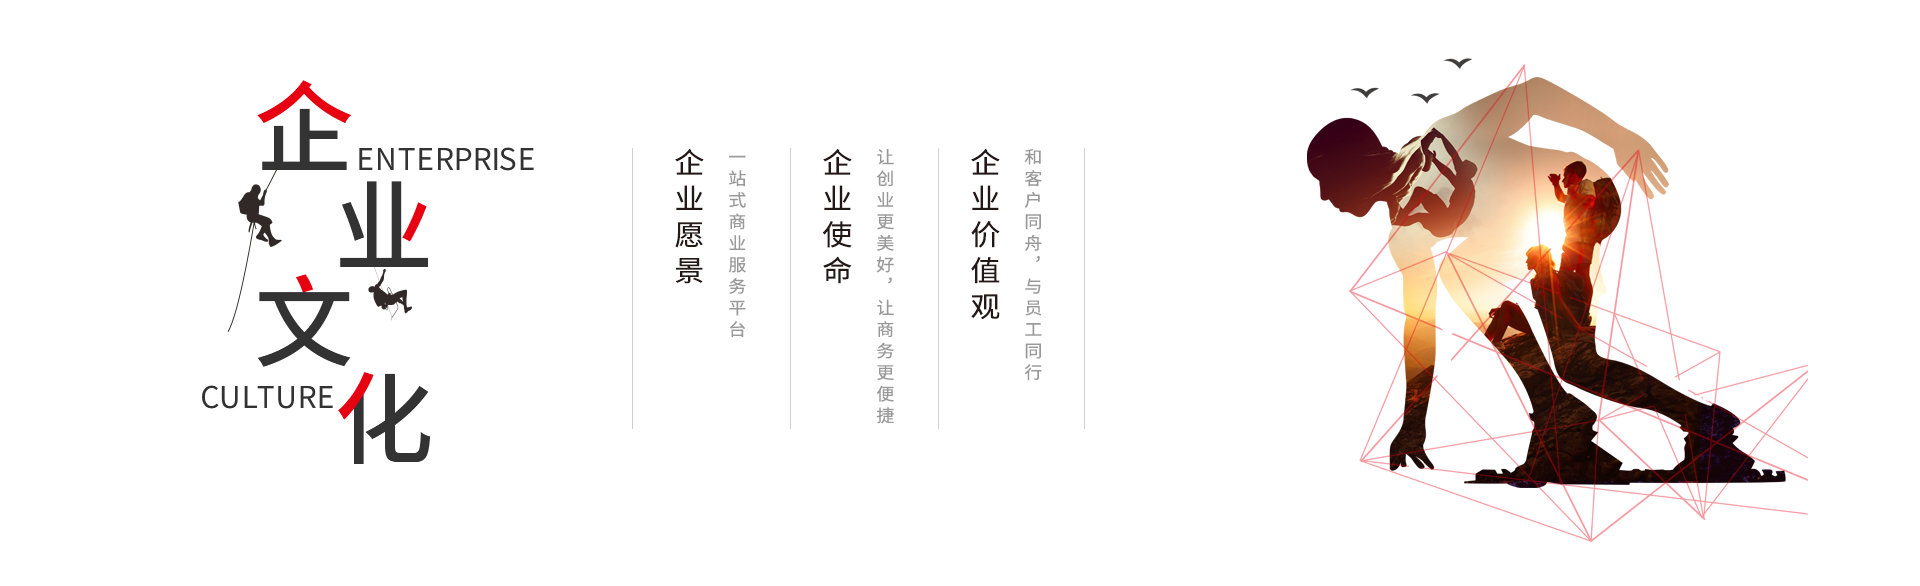 关于bob官方网站-企业文化-图.png